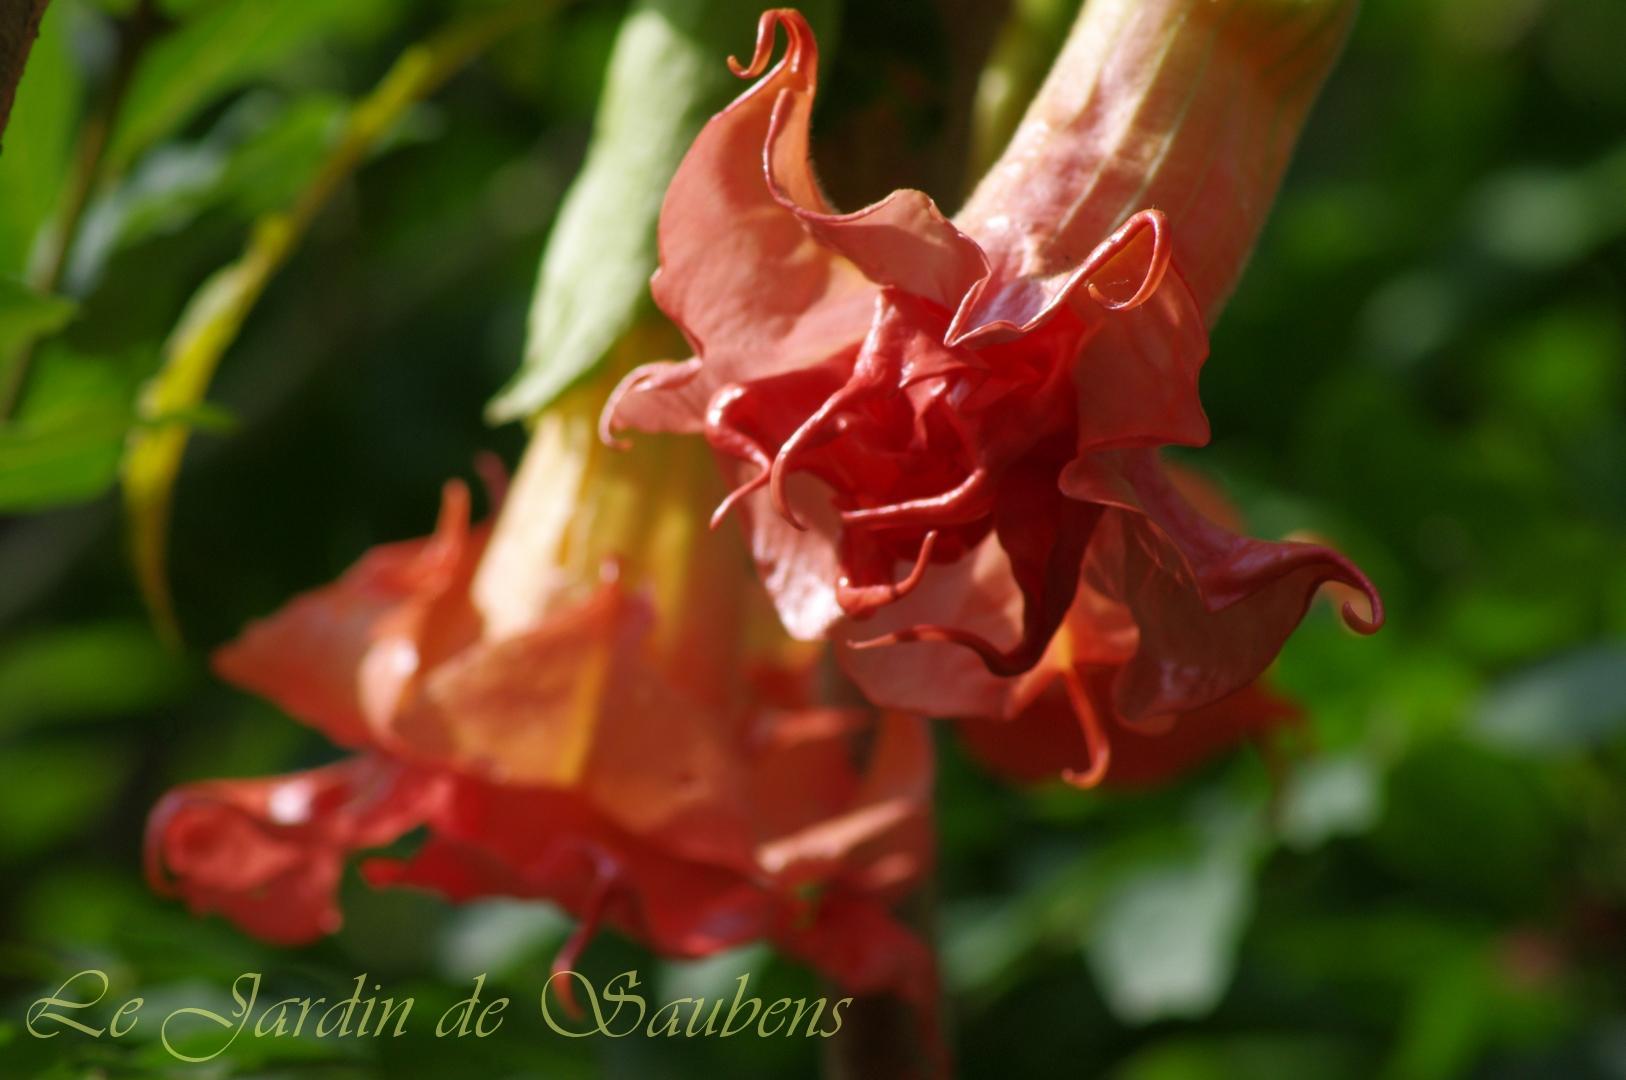 SB Laetitia Rose